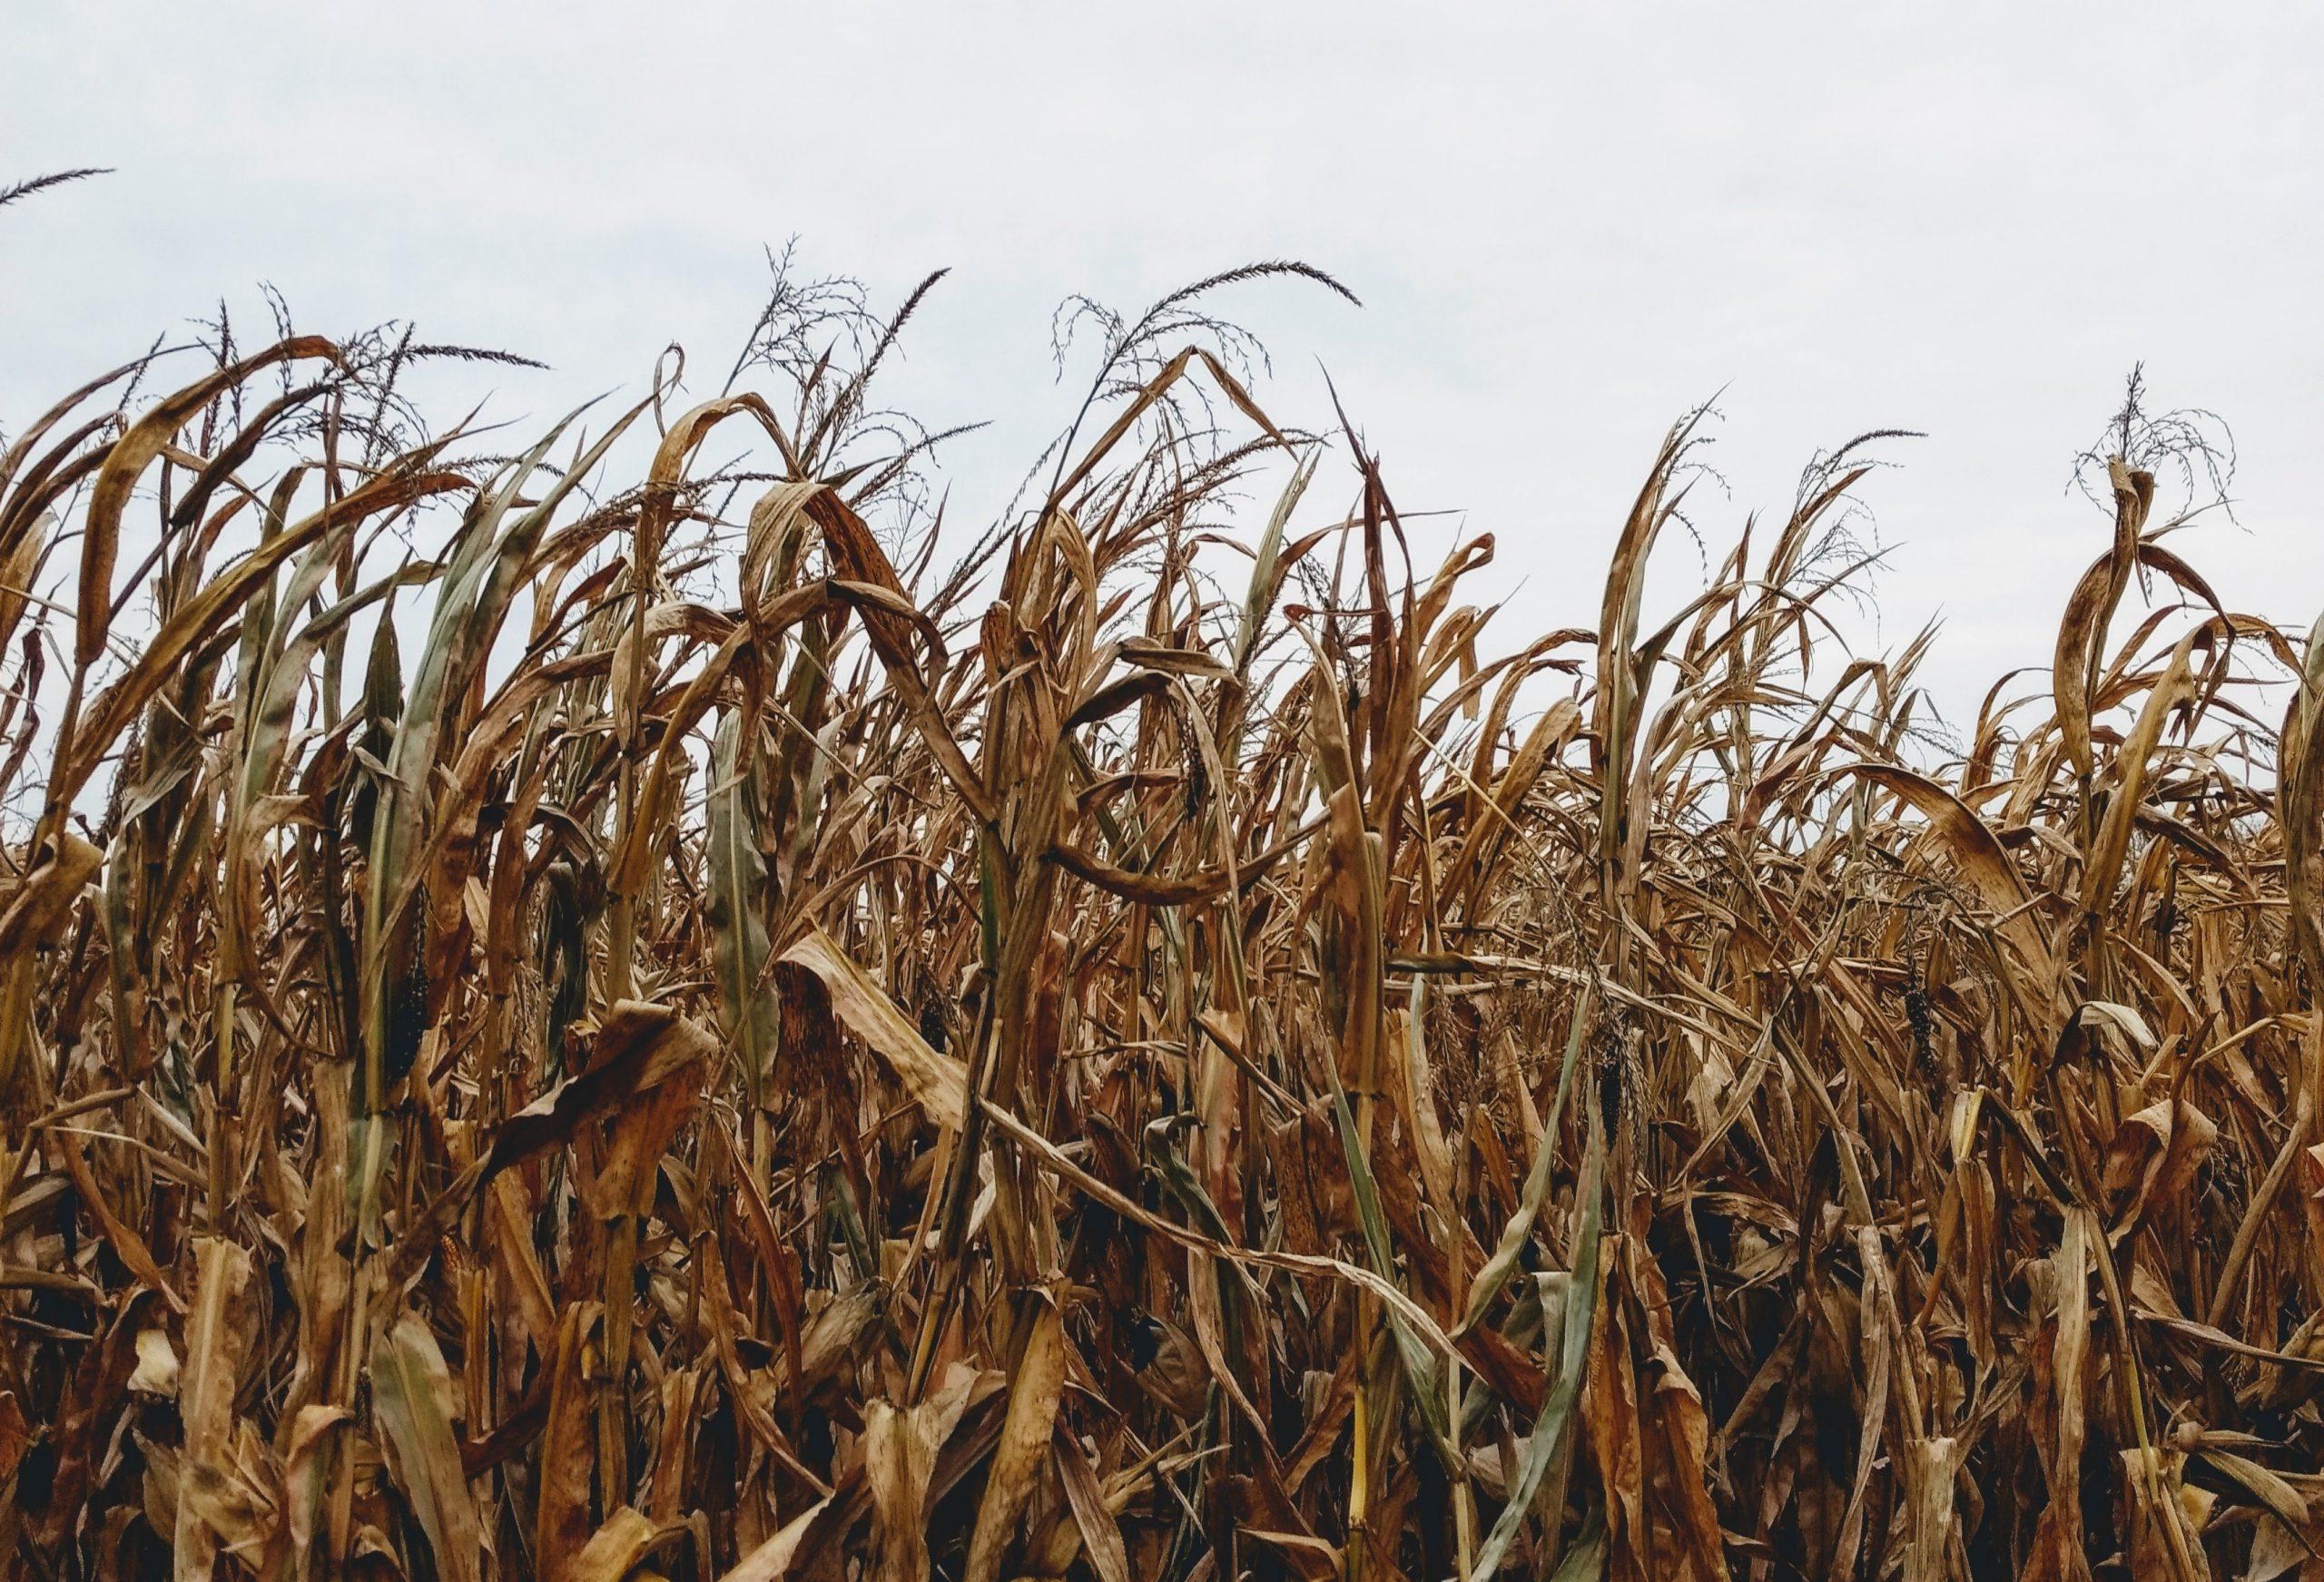 cornfield in Indiana